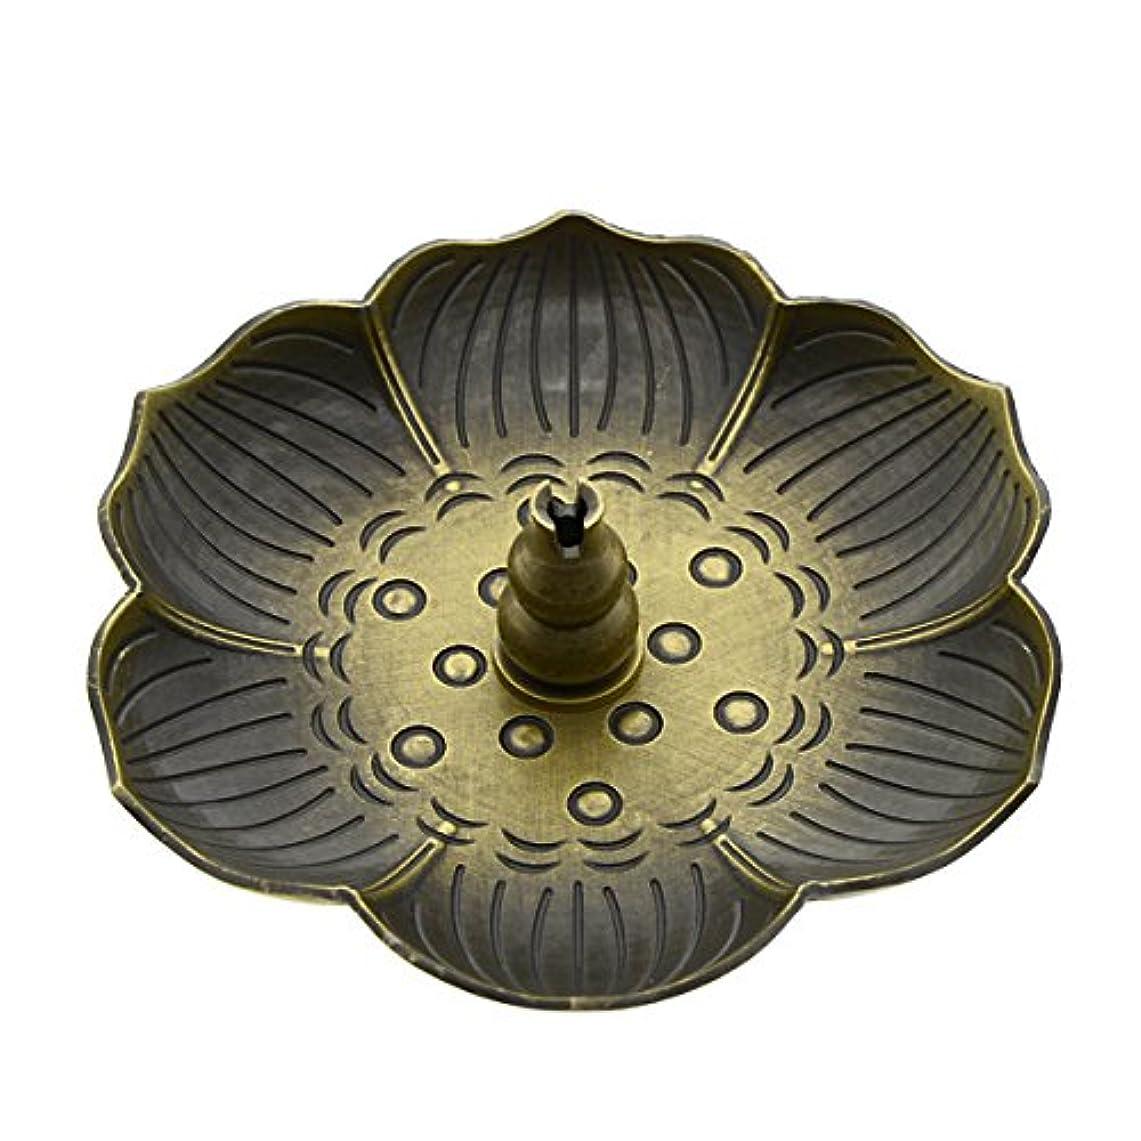 胆嚢キュービック規則性Saim Zen Buddhist Incense Burner、コーンお香ホルダー、Gourdタイプ 2